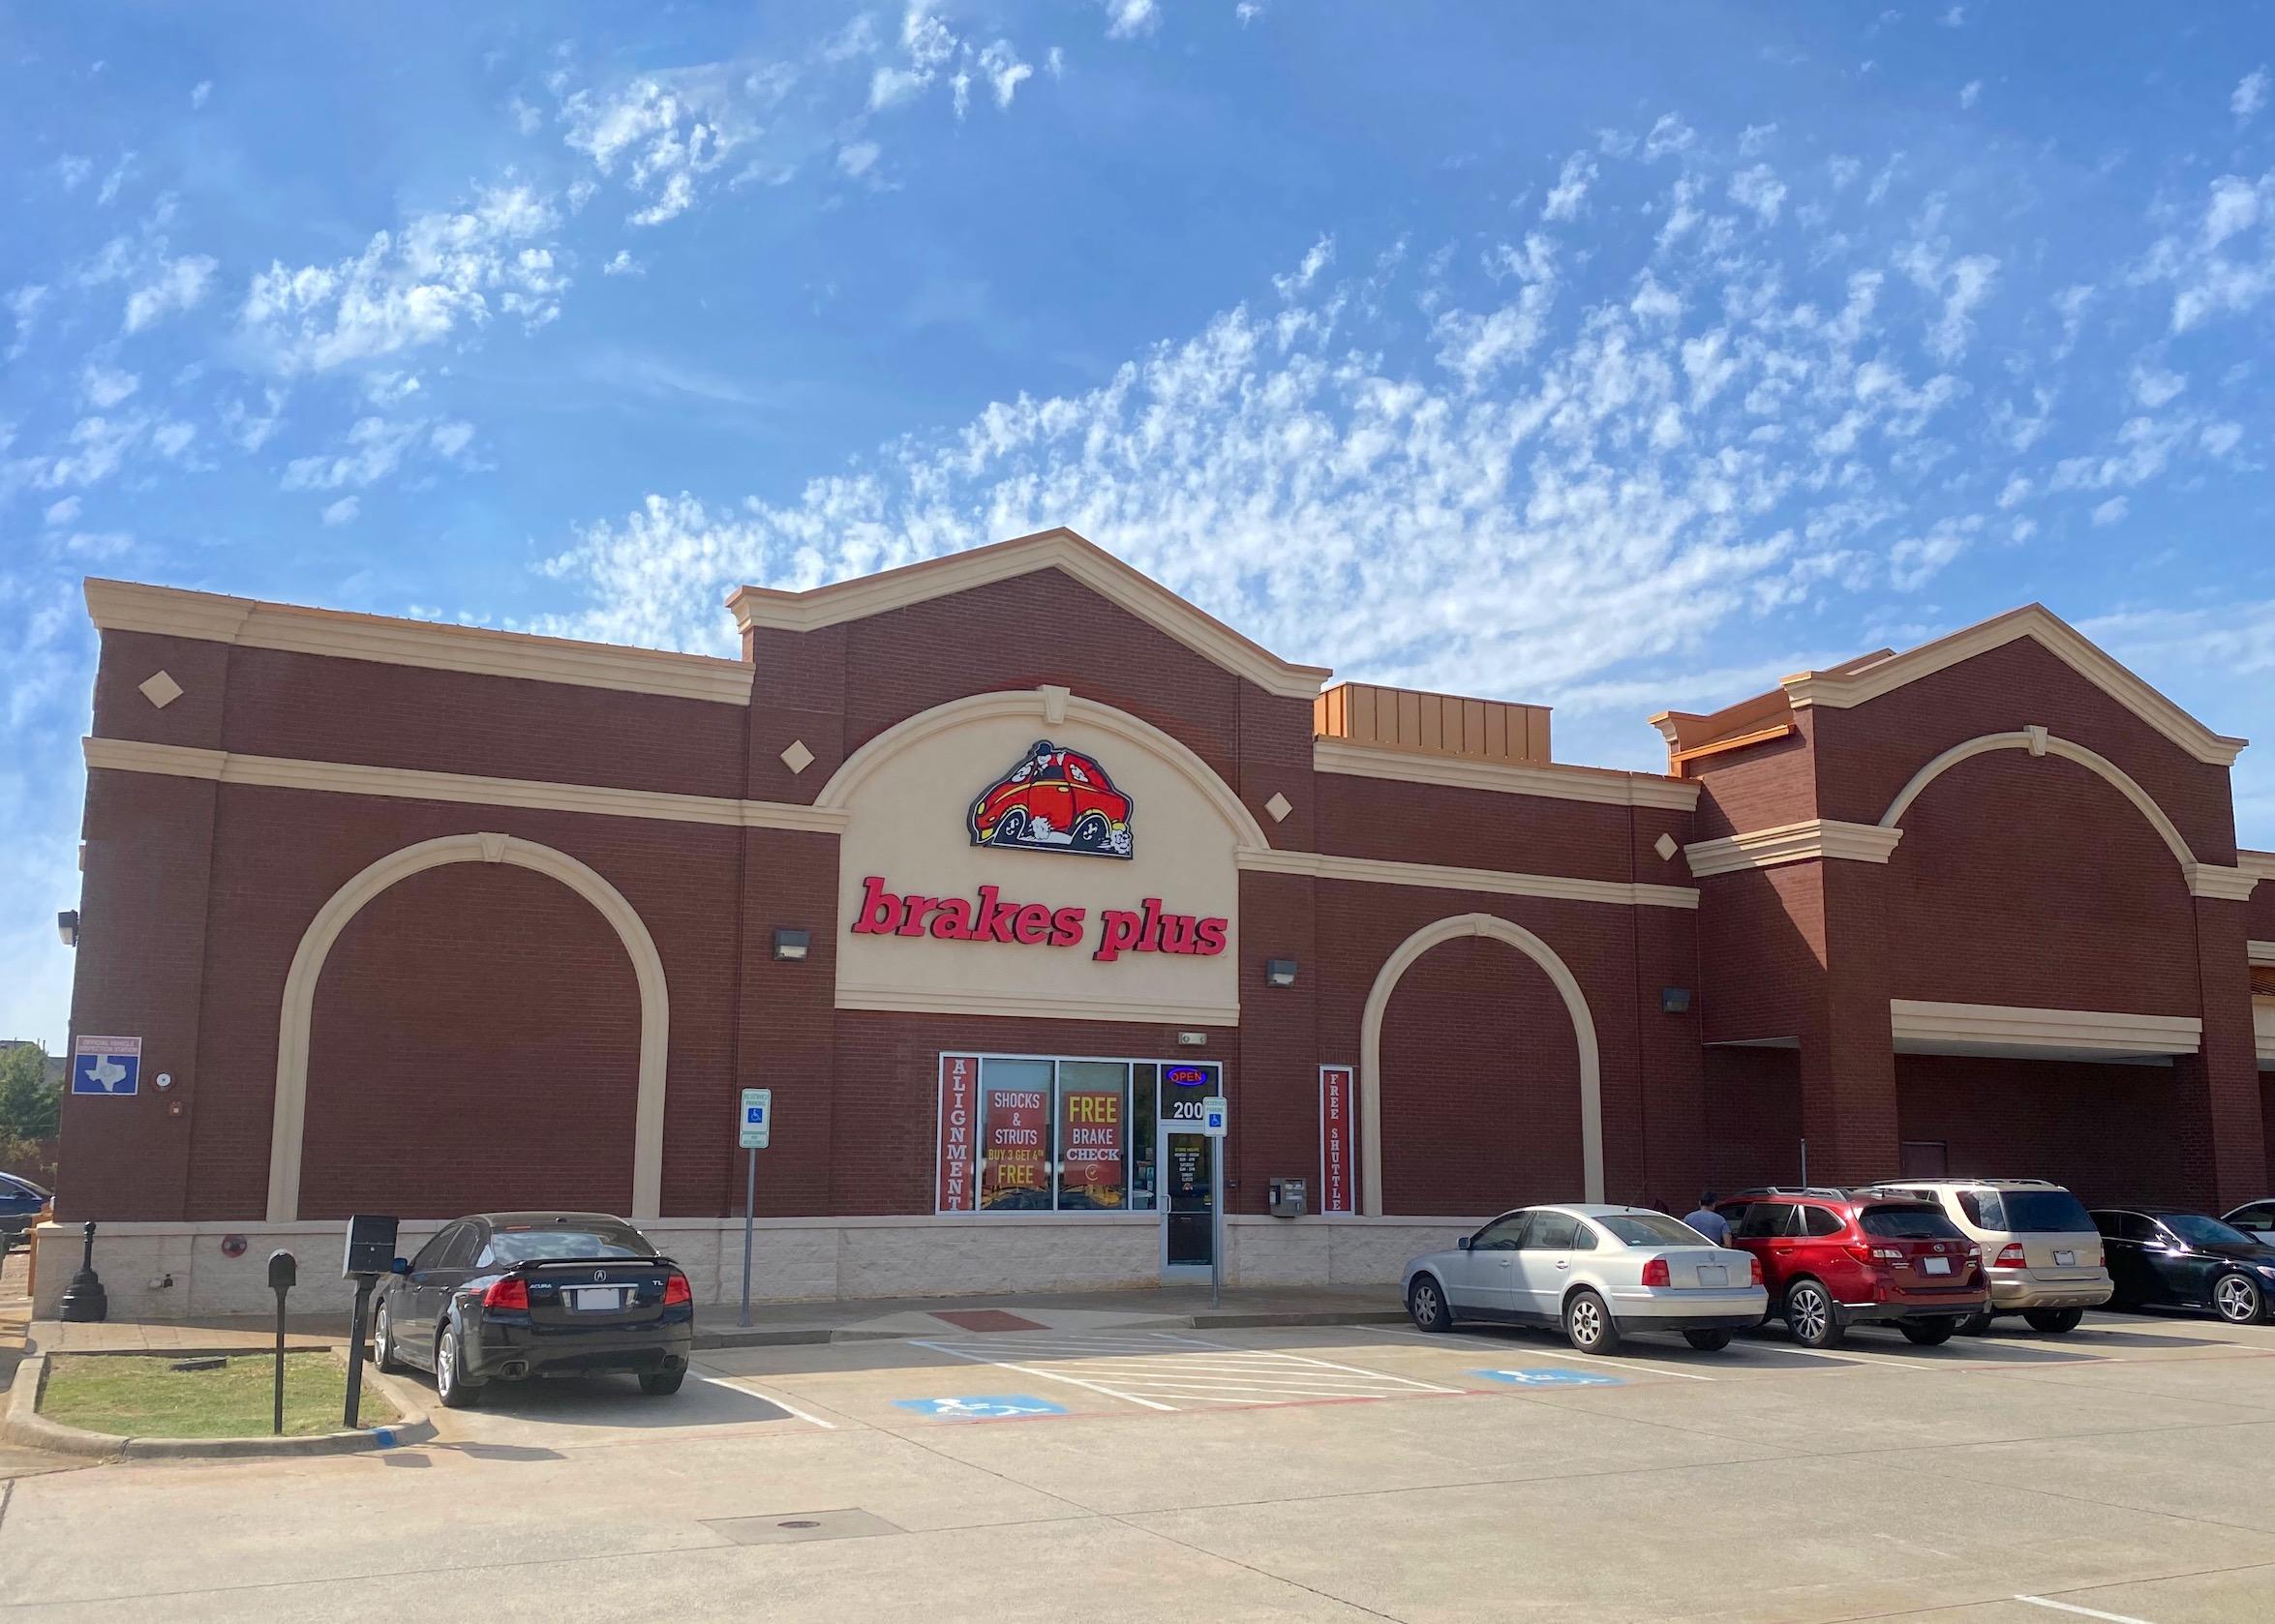 Brakes Plus at Frisco, TX - El Dorado